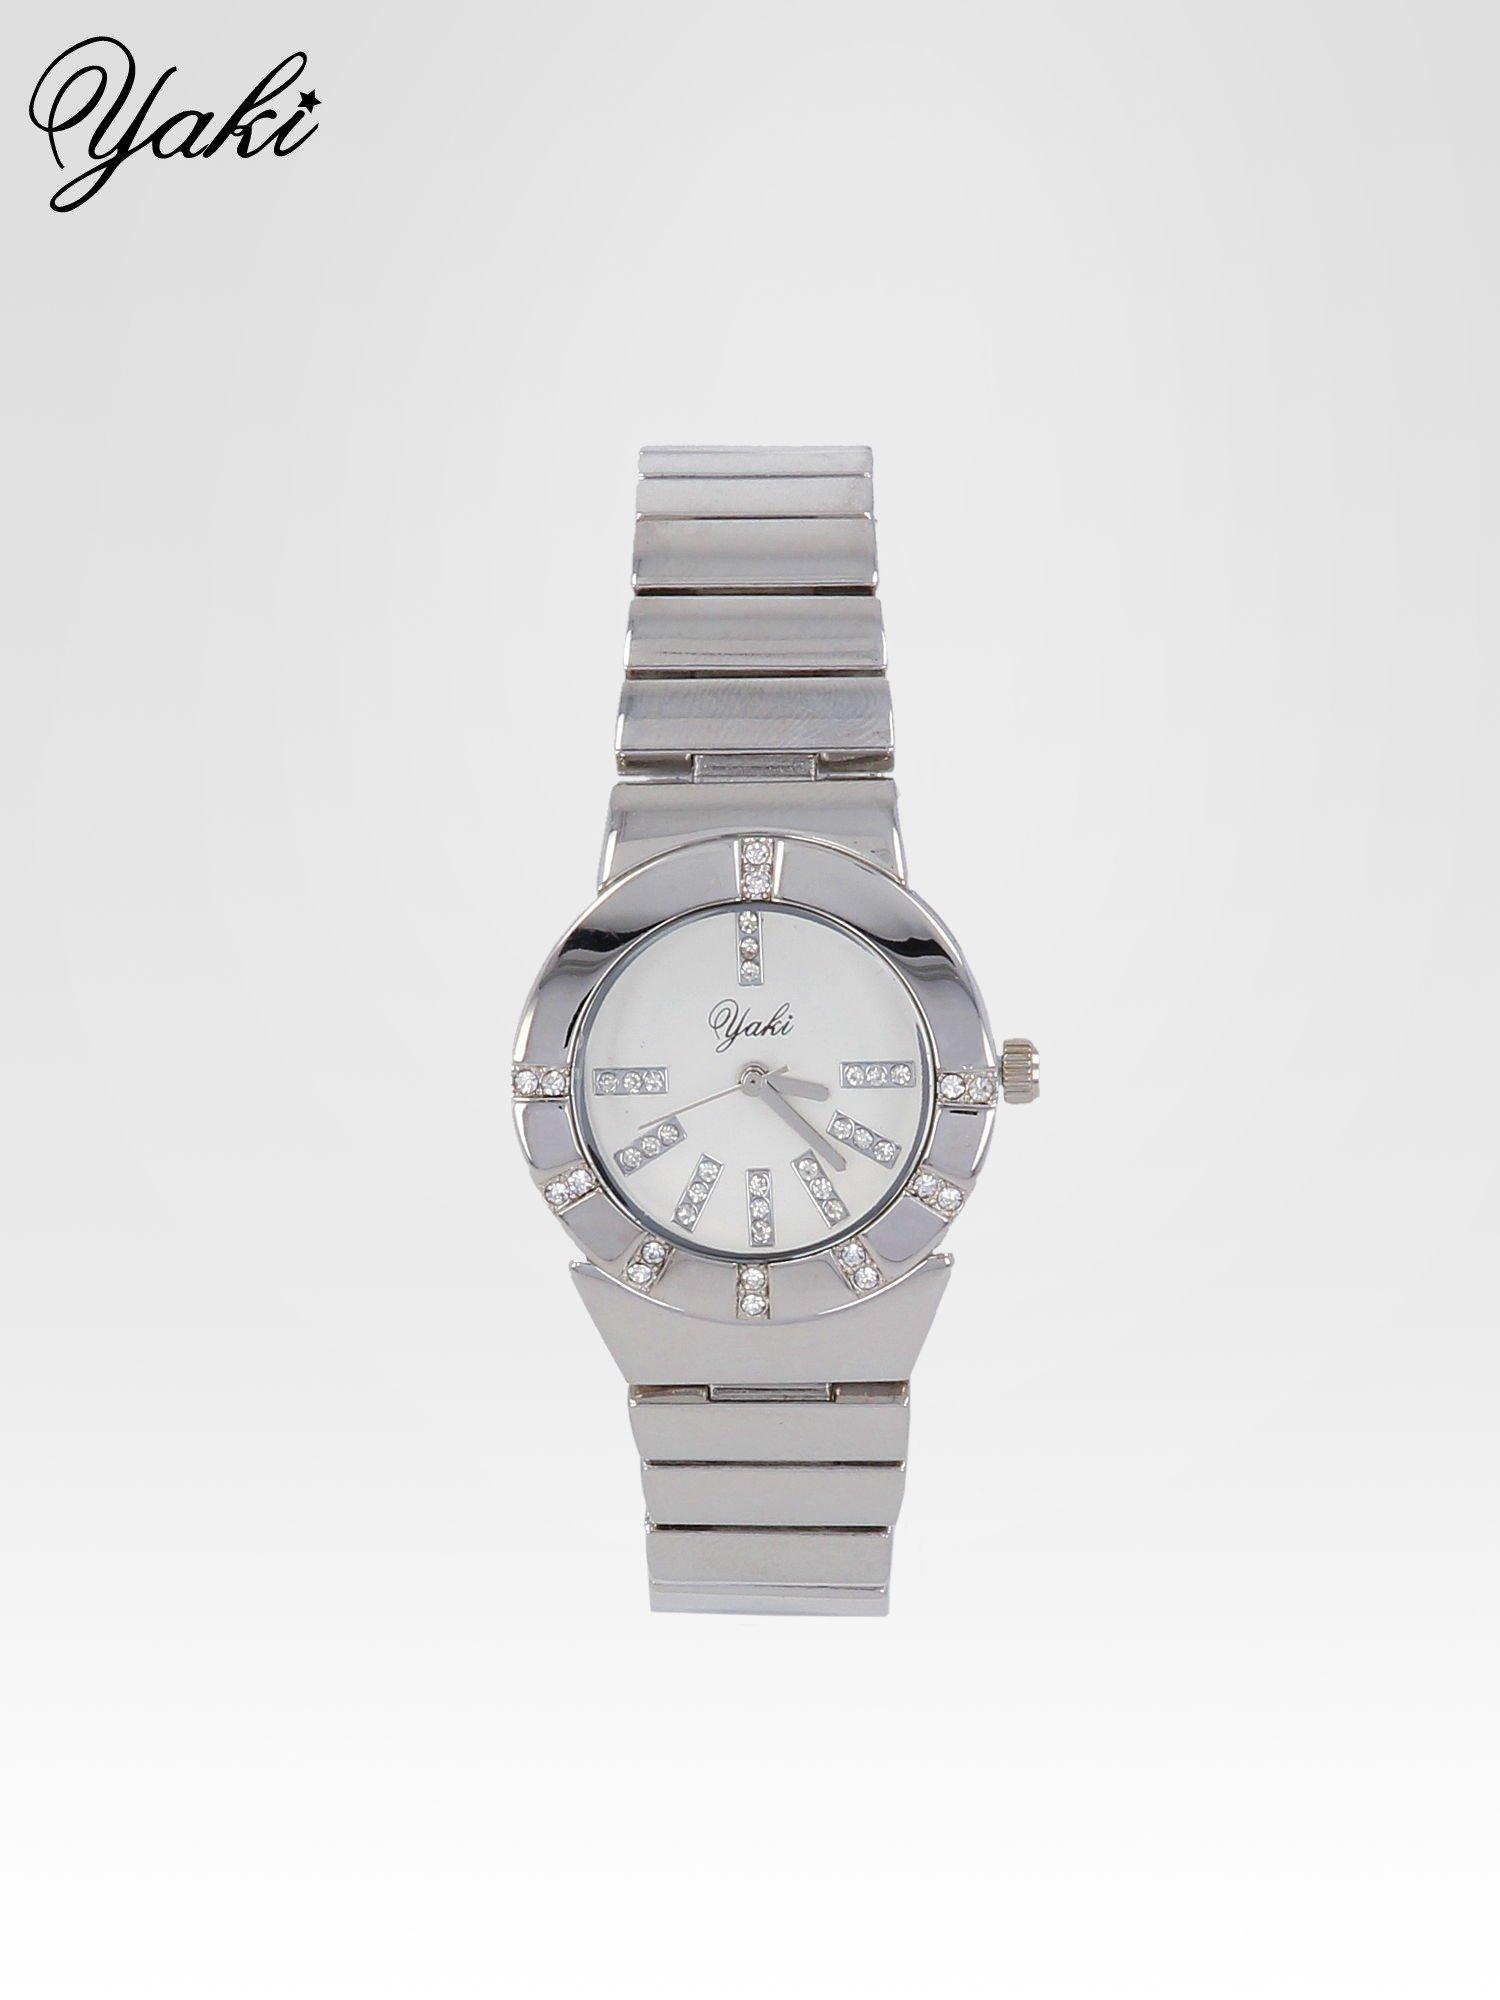 Srebrny zegarek na bransolecie z okrągłą tarczą z cyrkoniami                                  zdj.                                  1